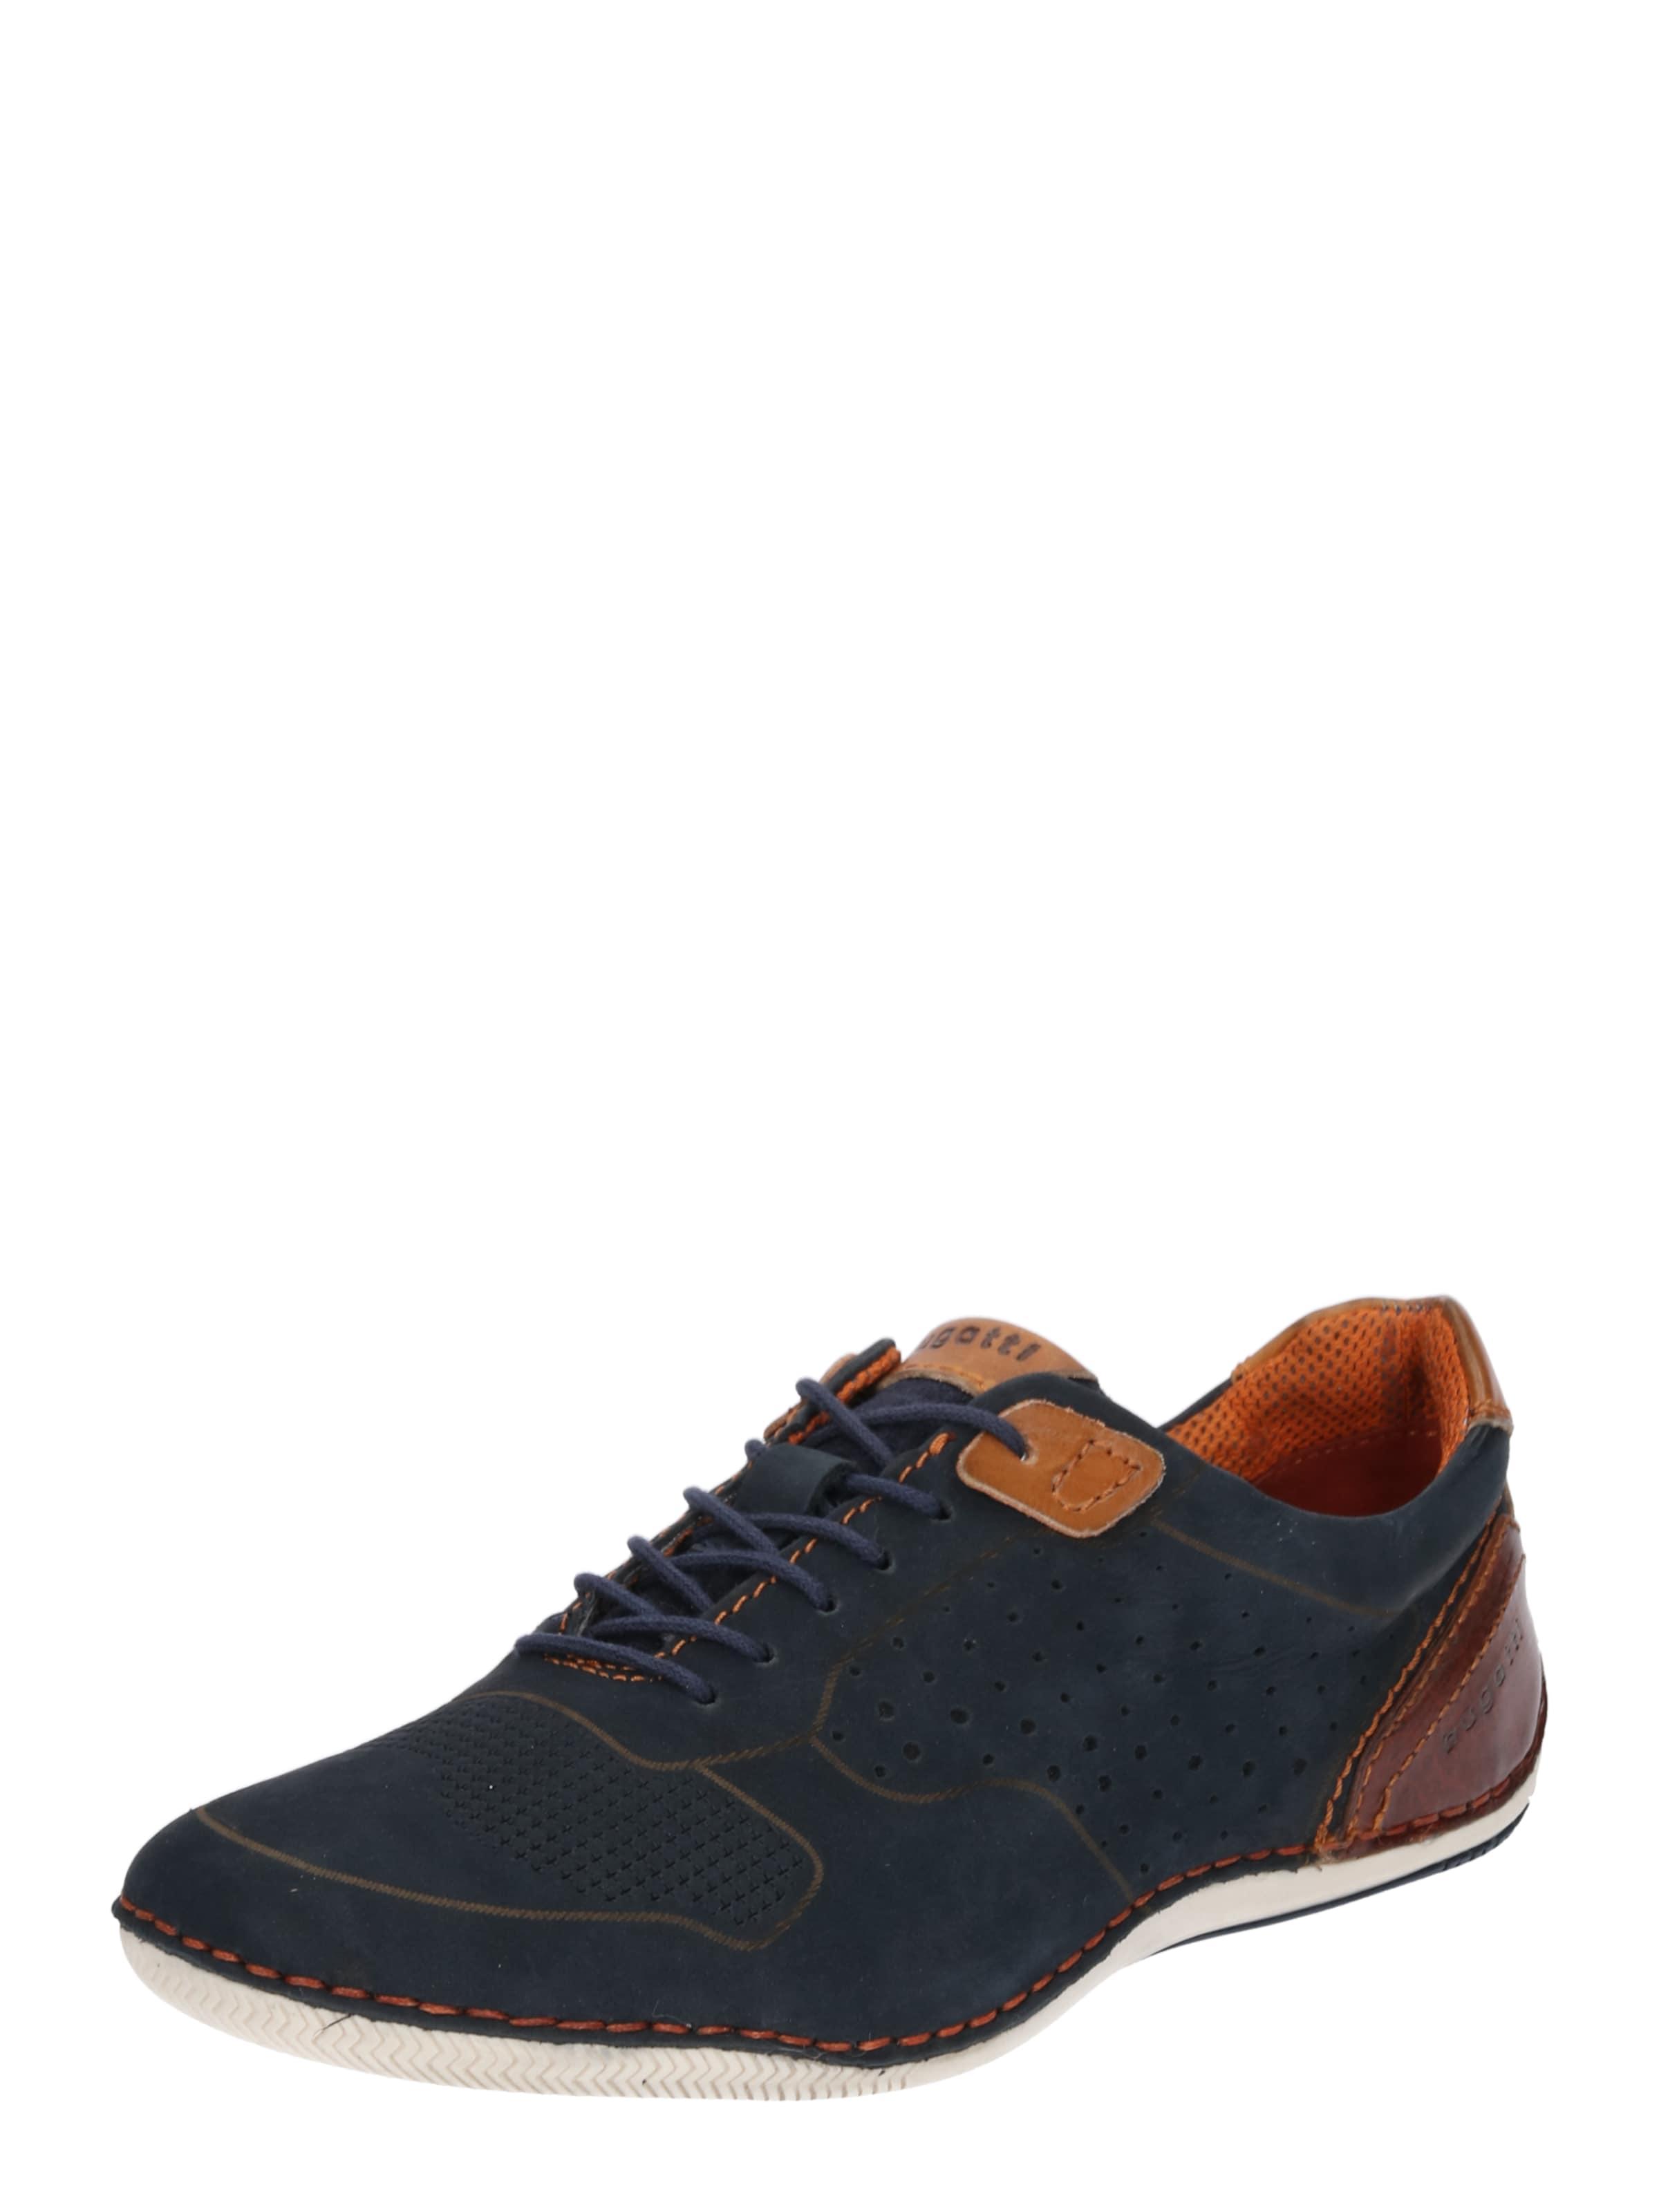 Haltbare Mode billige Schuhe bugatti | Sneaker mit Ziernähten Schuhe Gut getragene Schuhe